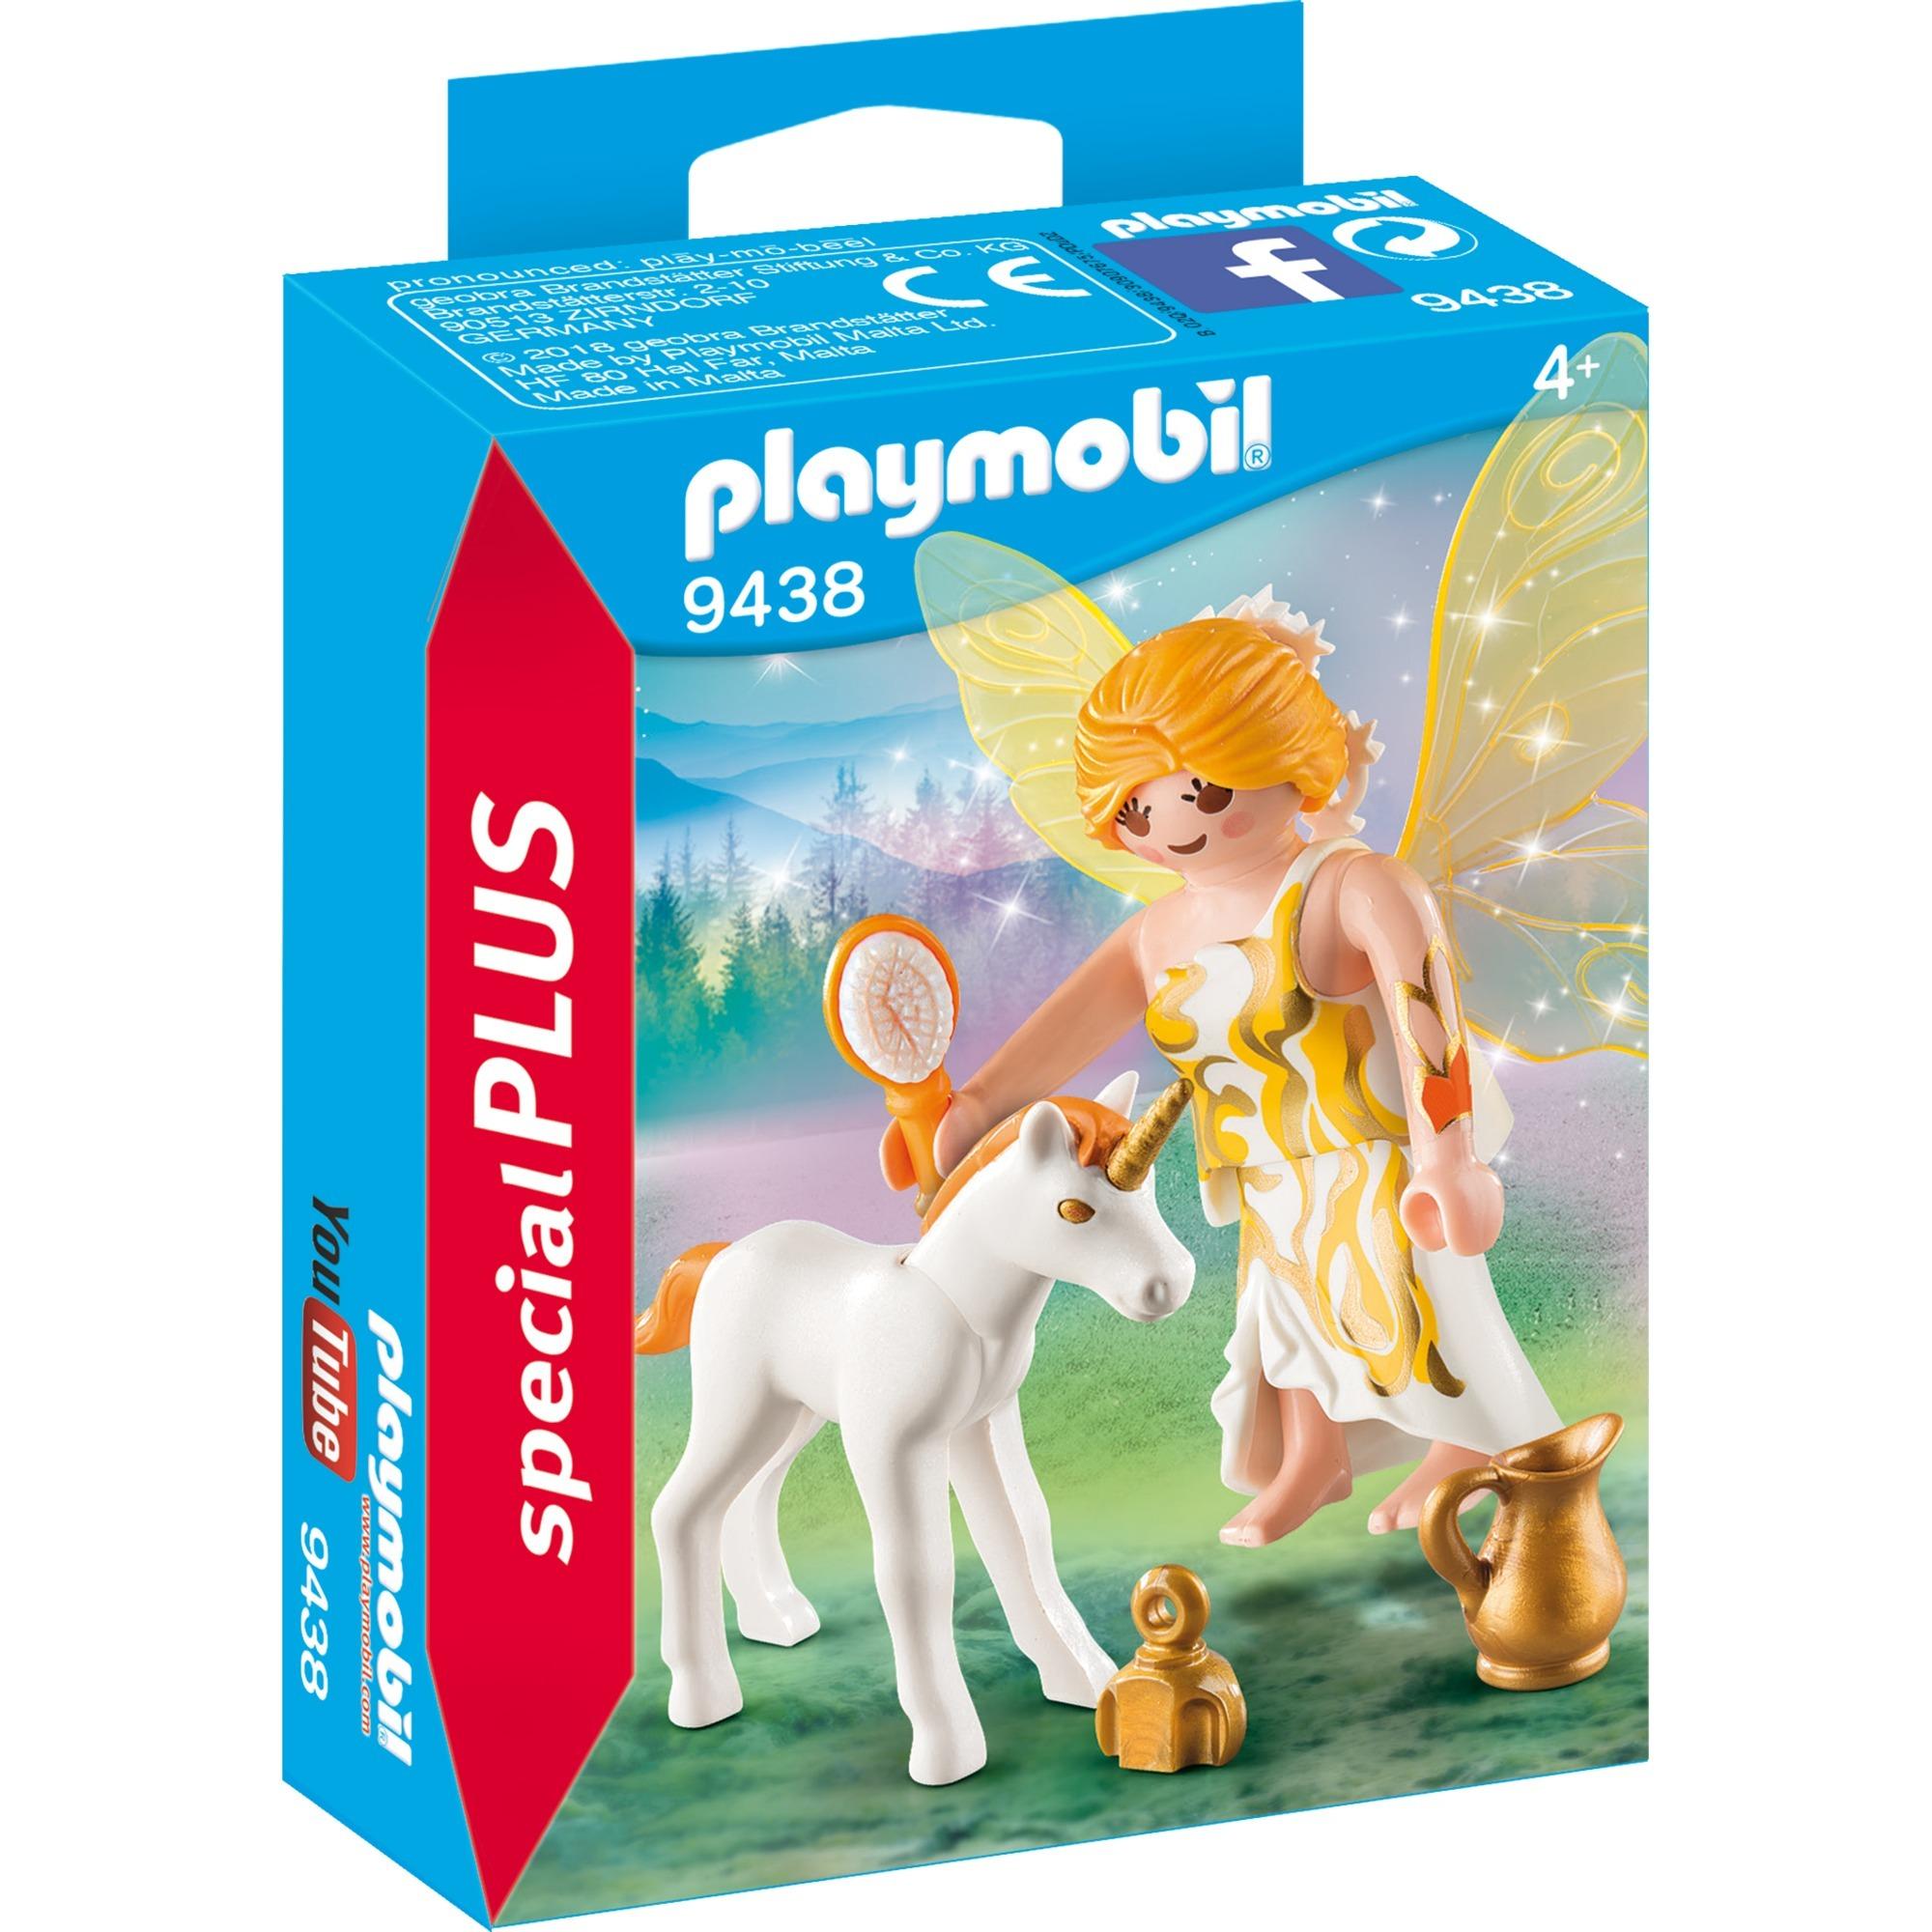 Playmobil Specialplus 9438 Hada De Sol Con Bebe De Unicornio Juegos